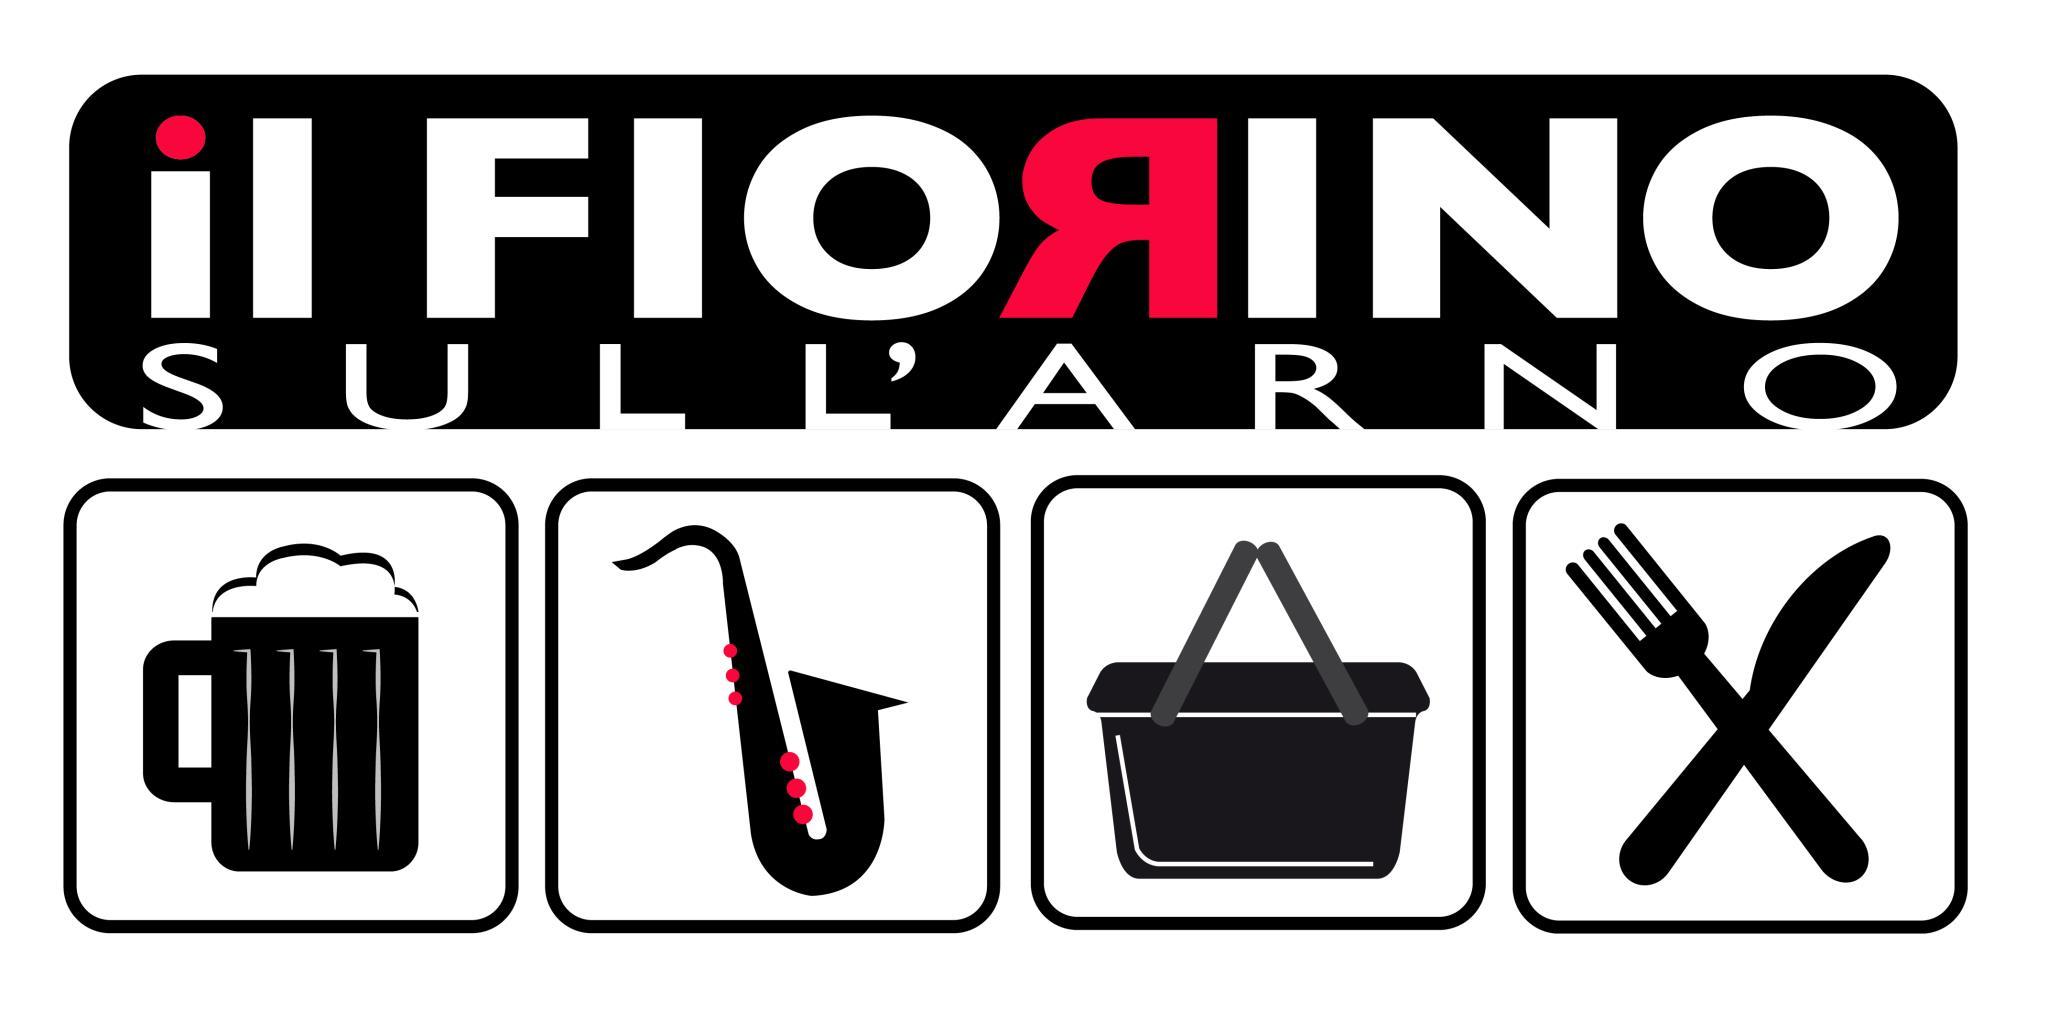 Il Fiorino Sull Arno - Florence Parking - Parcheggiare a Firenze